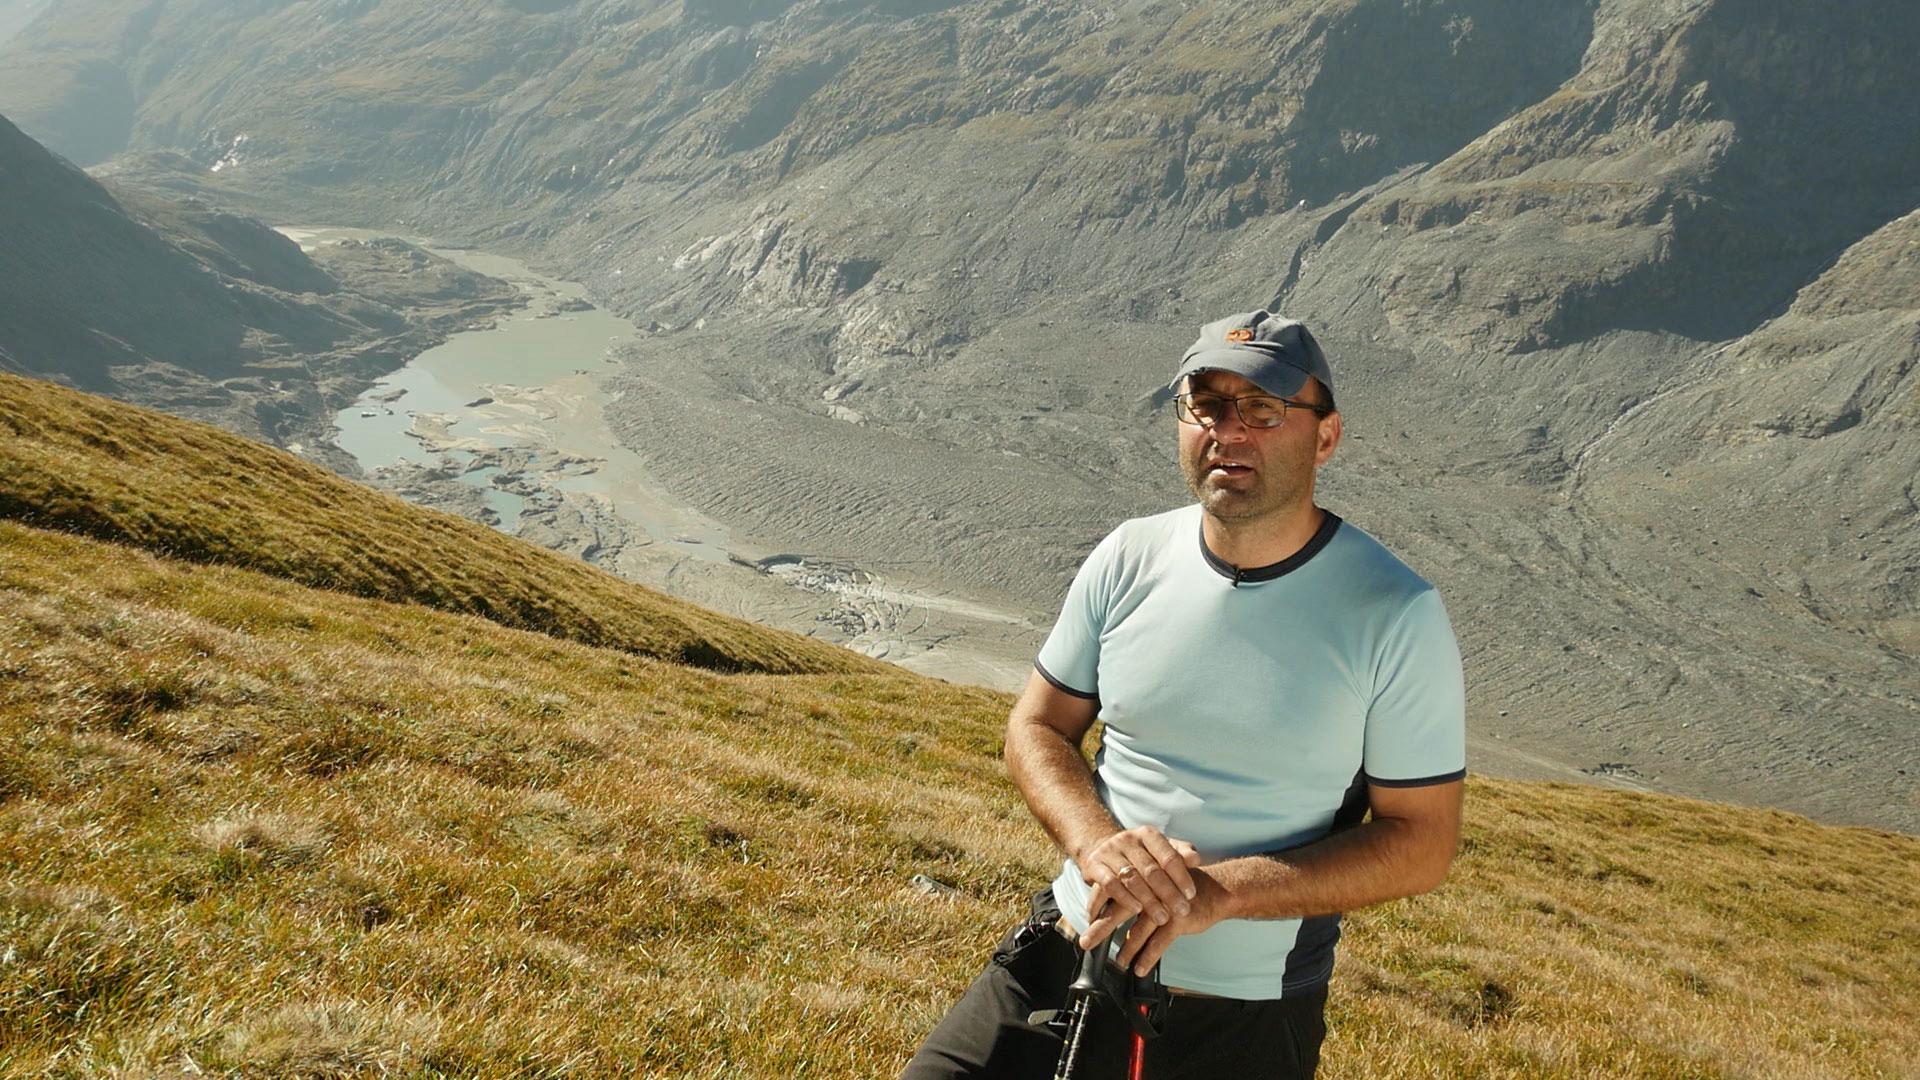 Gletscherforschung1